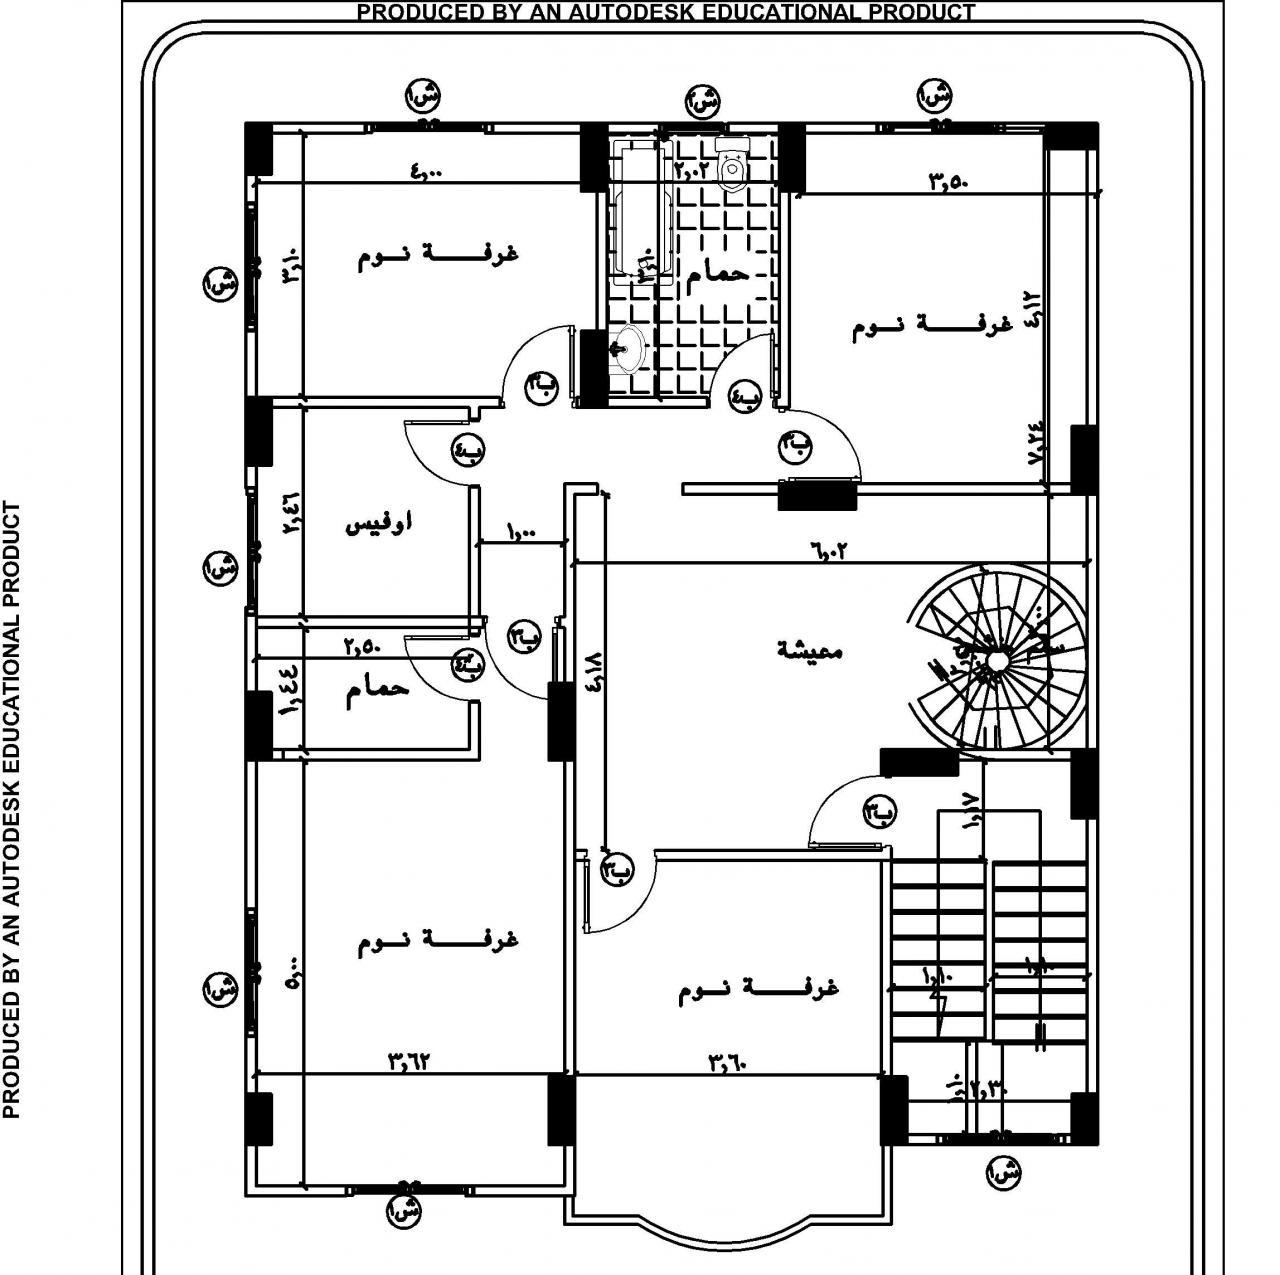 صورة خرائط منازل 300 متر , شاهد ارقى تصميم لبيتك عن طريق تلك الخرائط